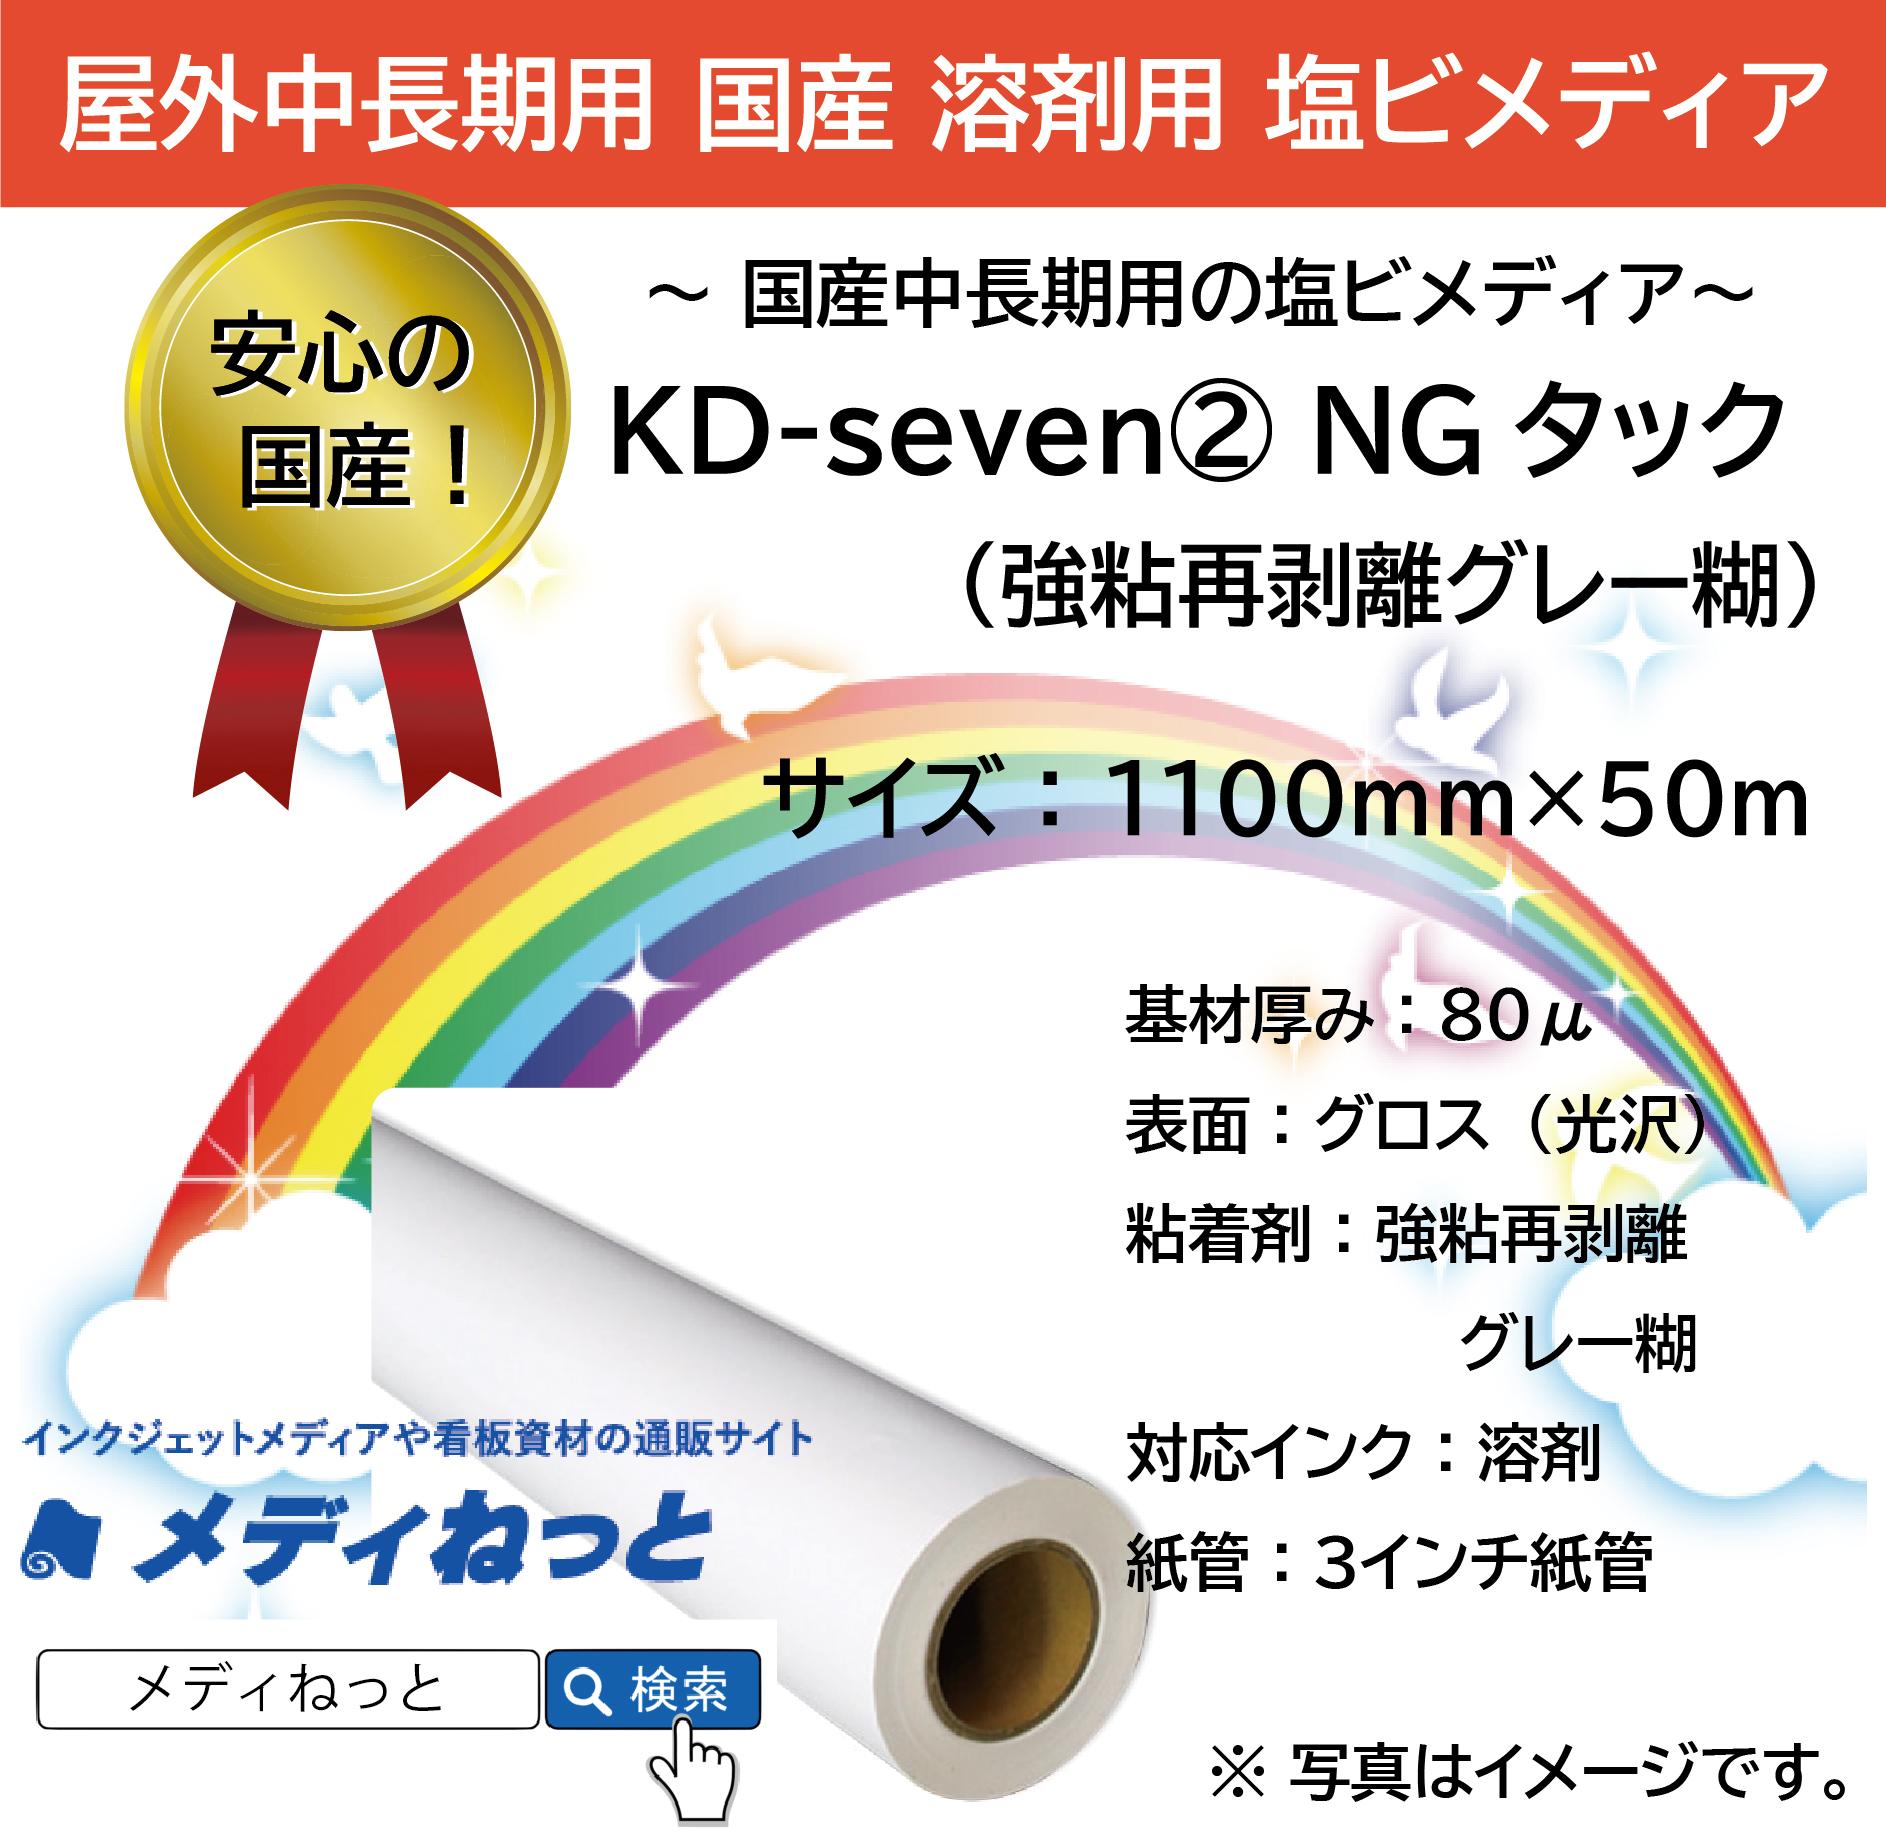 国産中長期グロス塩ビ(強粘再剥離グレー糊) KD-seven2 NGタック 1100mm×50m